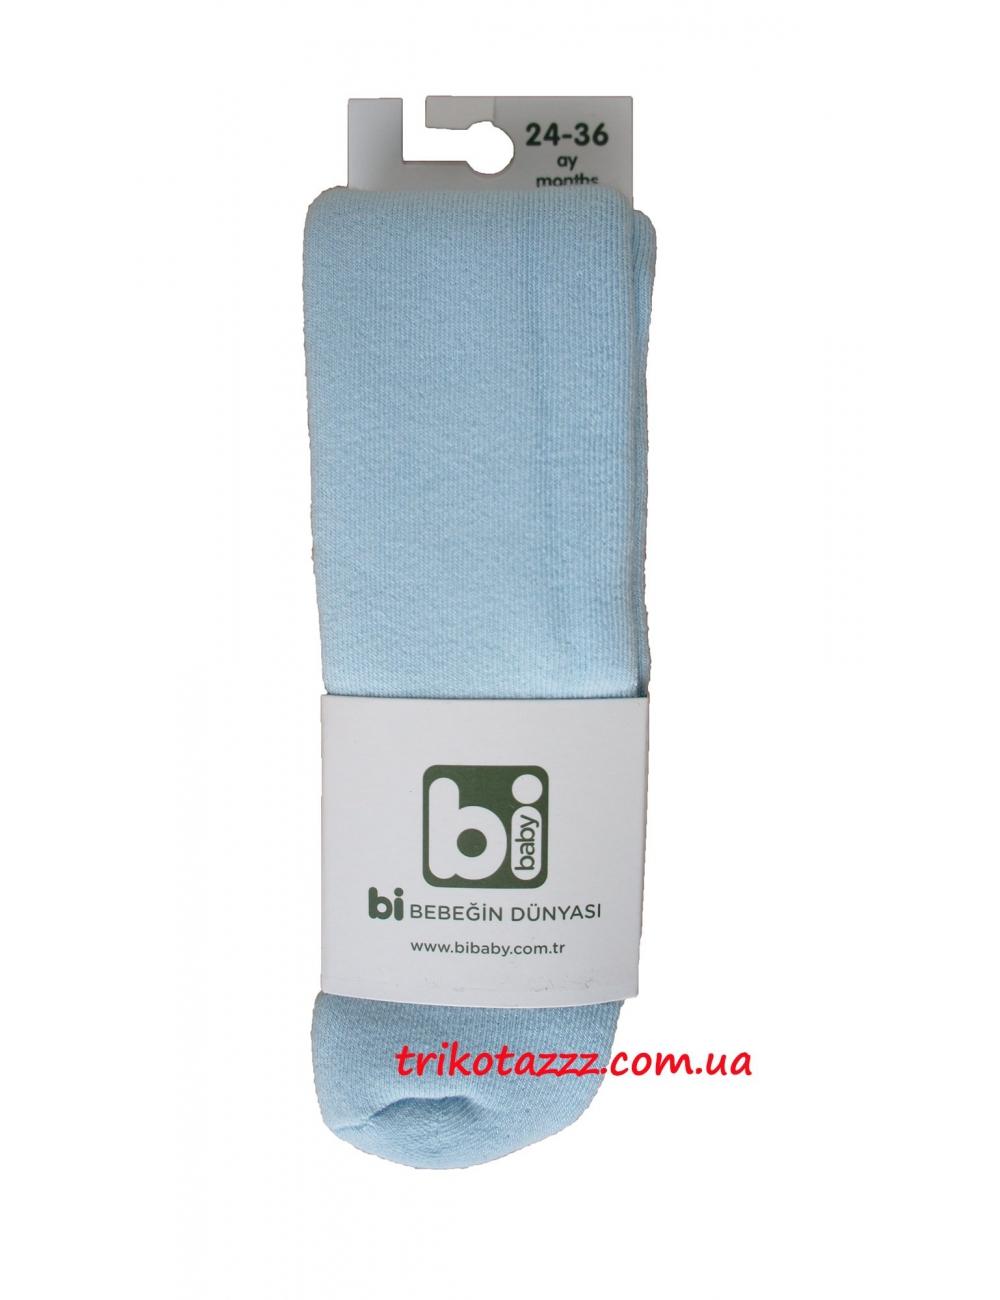 Детские махровые колготки для новорожденных однотонные Bibaby голубые